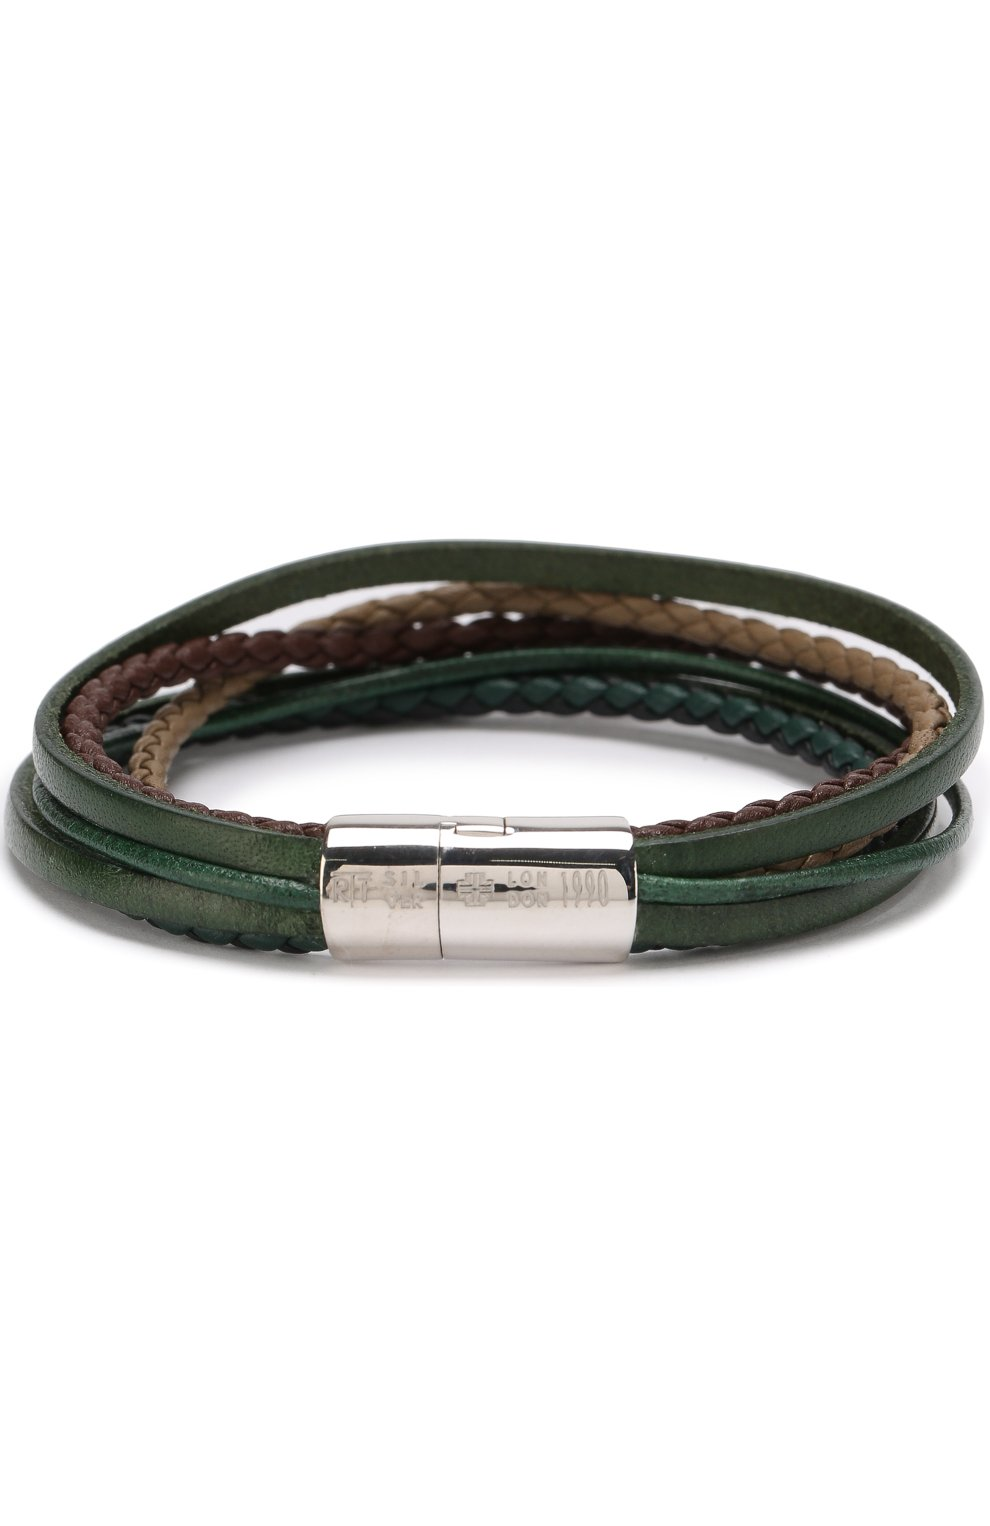 Мужской кожаный браслет TATEOSSIAN разноцветного цвета, арт. BL7911 | Фото 1 (Материал: Кожа)